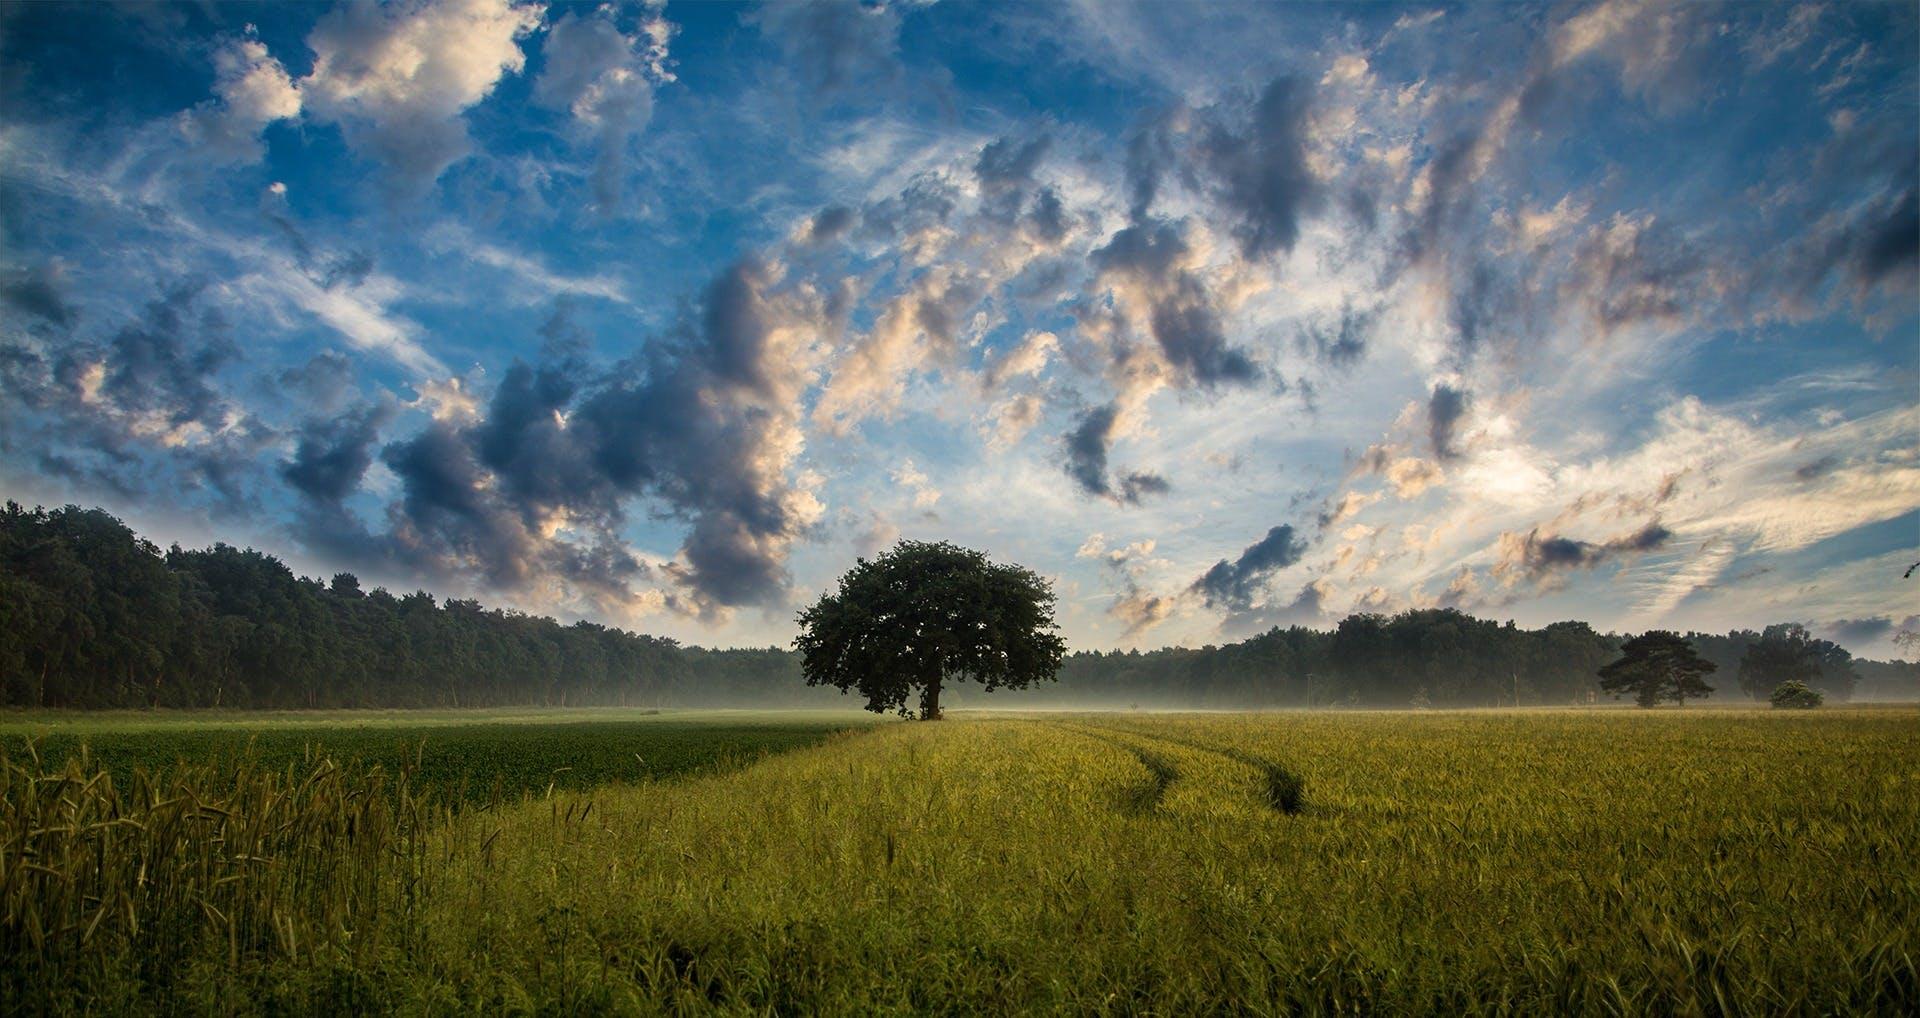 clouds, cornfield, field